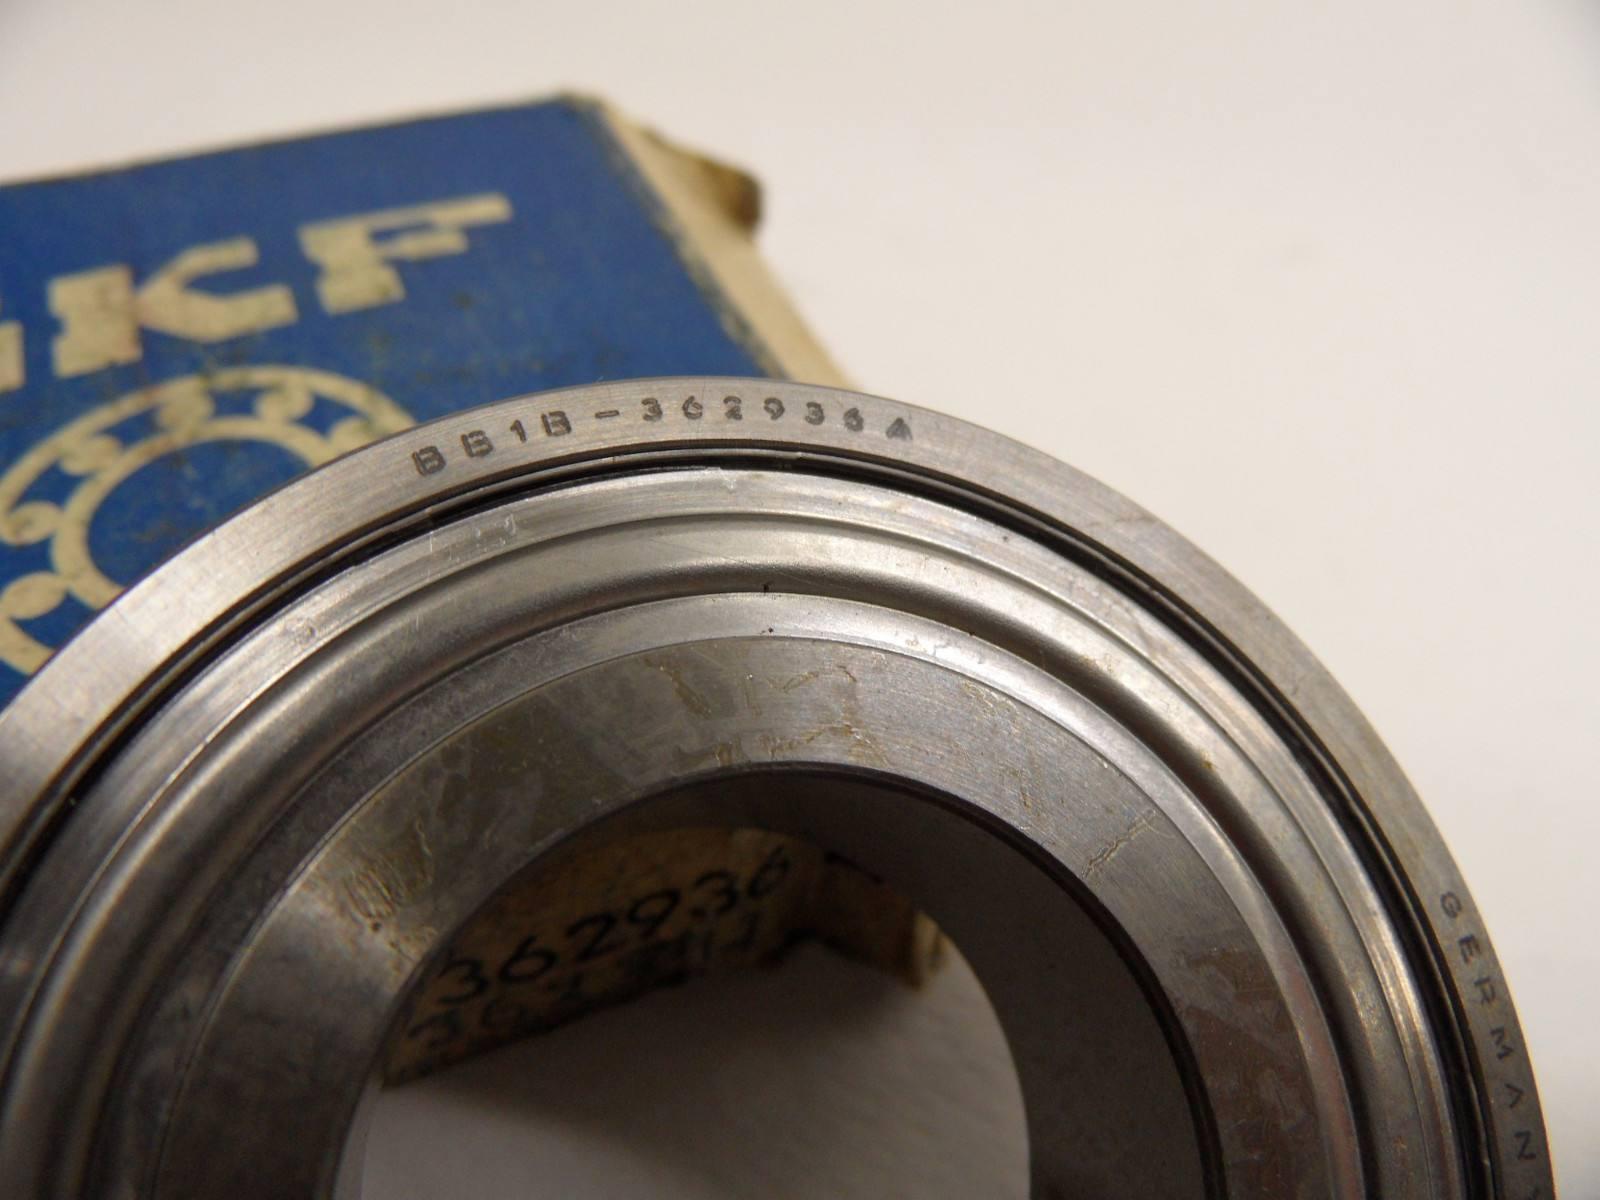 供应原装进口瑞典skf双列圆锥滚子轴承<strong>bth<\/strong>-0068型号价格尺寸查询产品